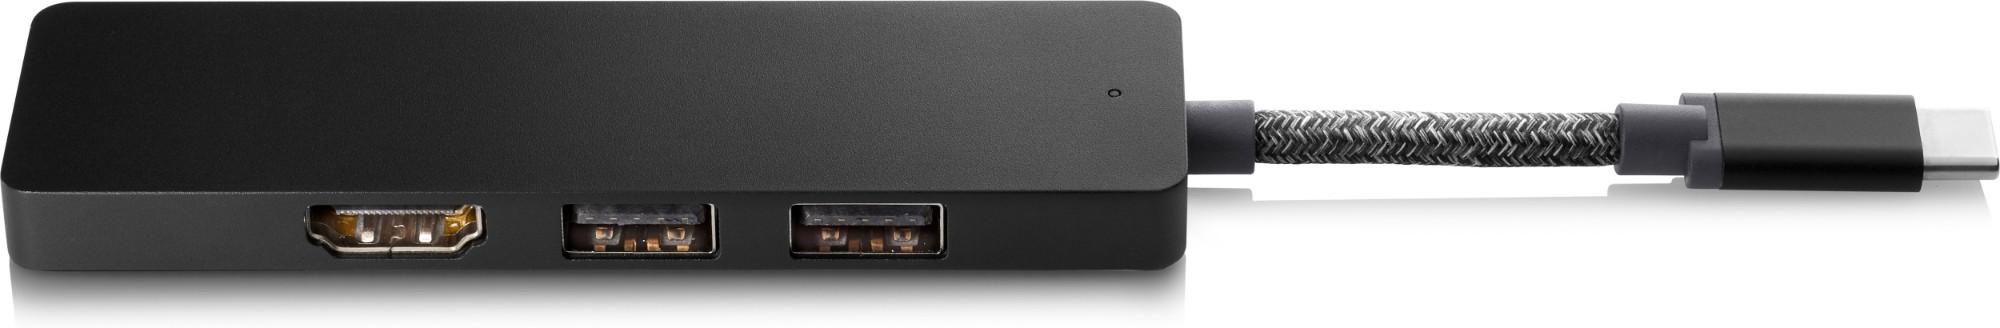 HP Gonzo 2 Wired USB 3.2 Gen 1 (3.1 Gen 1) Type-C Black